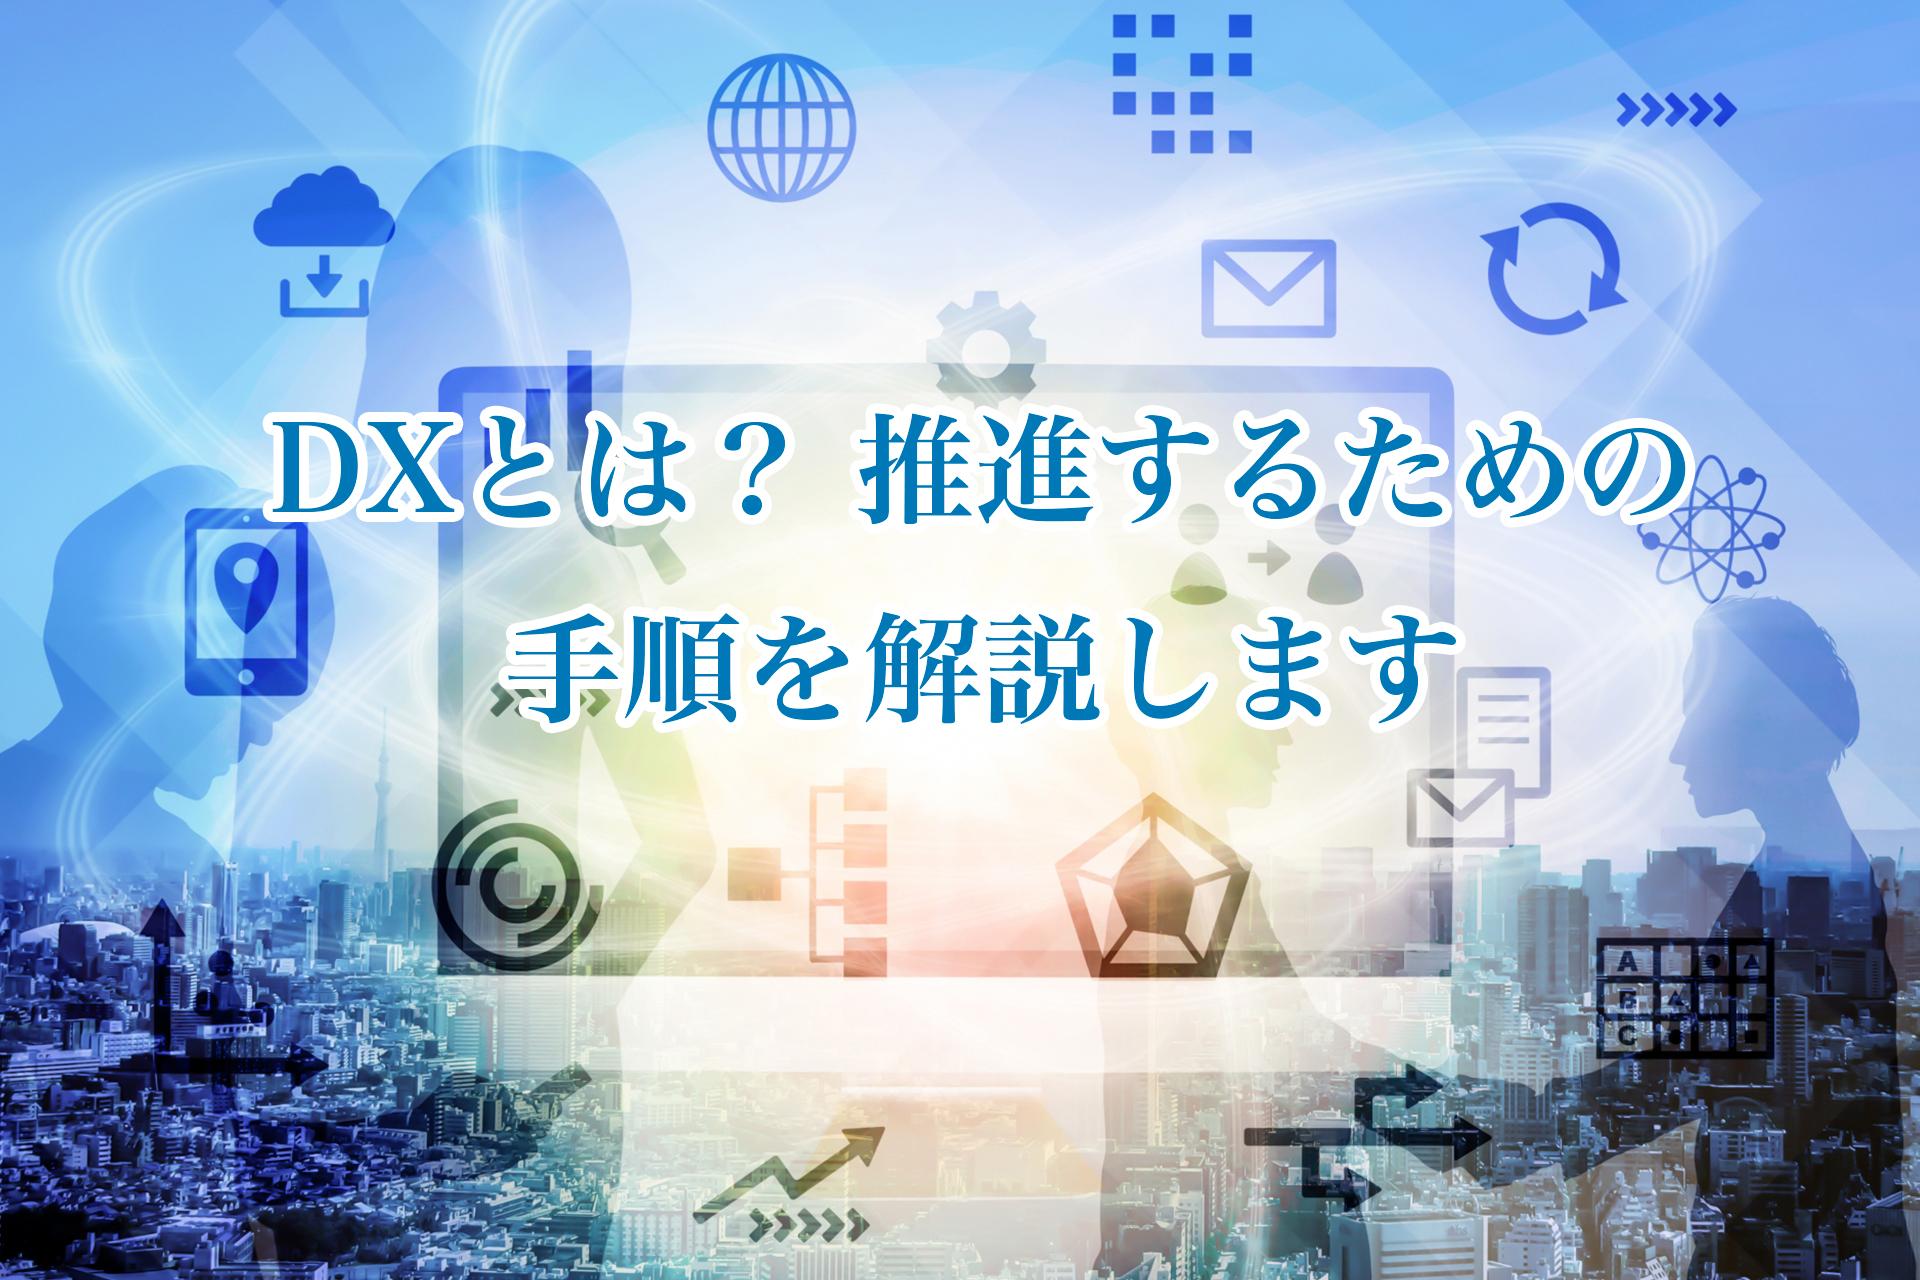 DXをイメージする画像